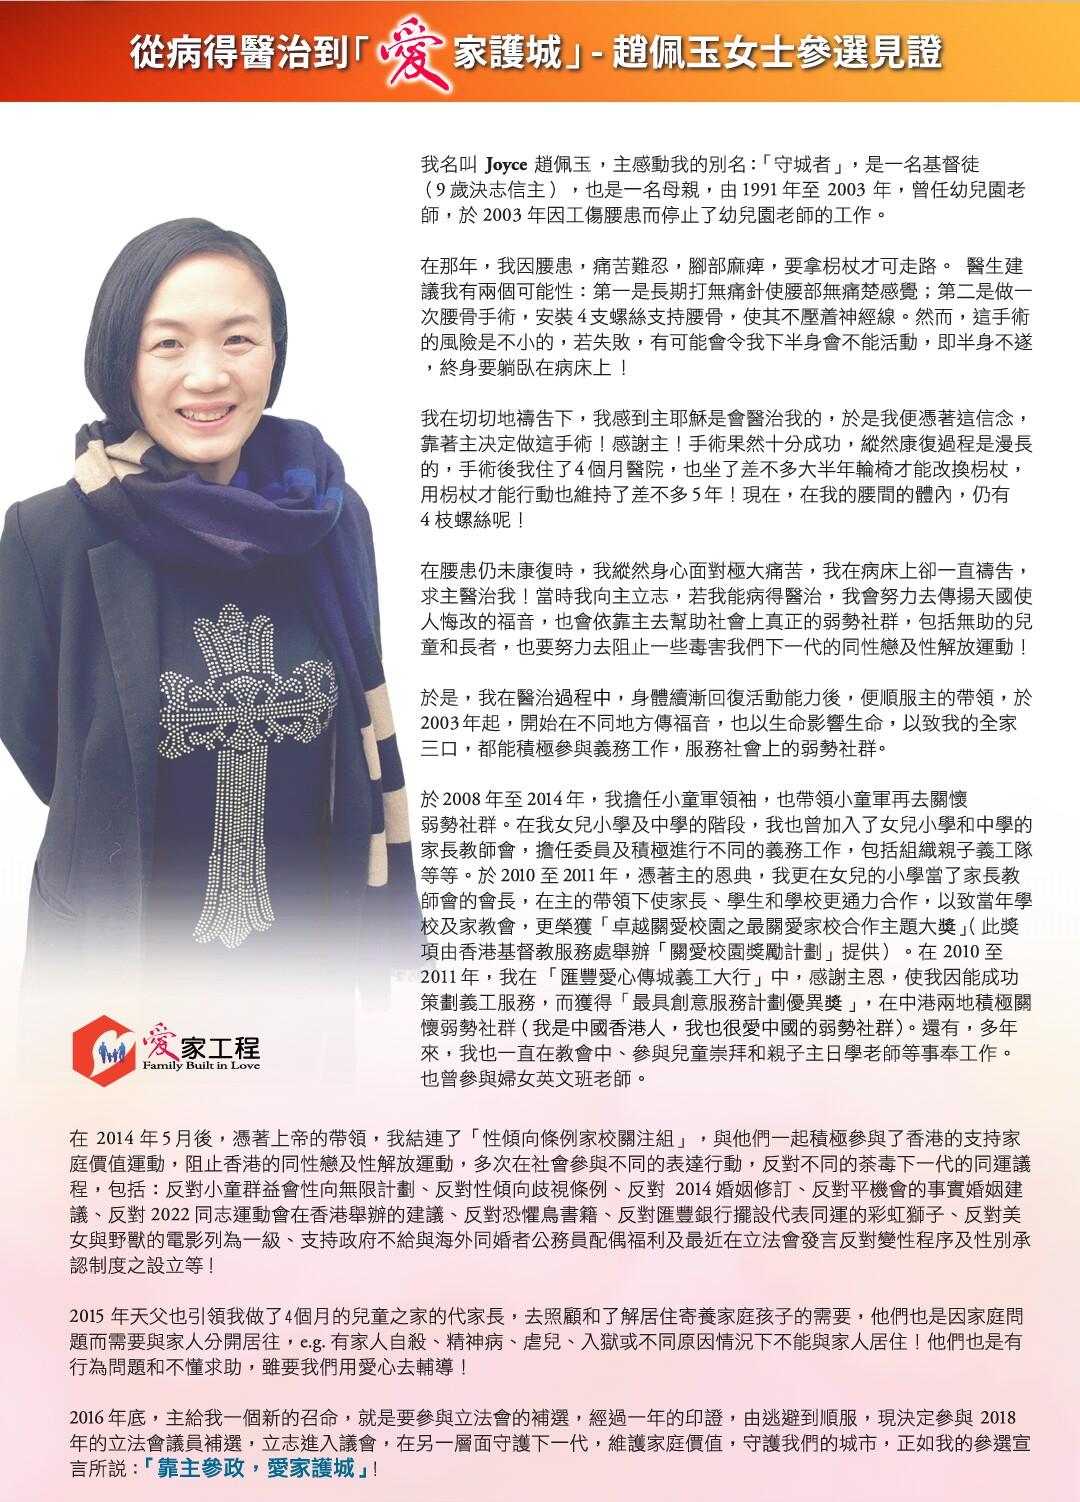 《耶癲》趙佩玉參與新東補選 妄稱「神叫佢參選」   門徒媒體